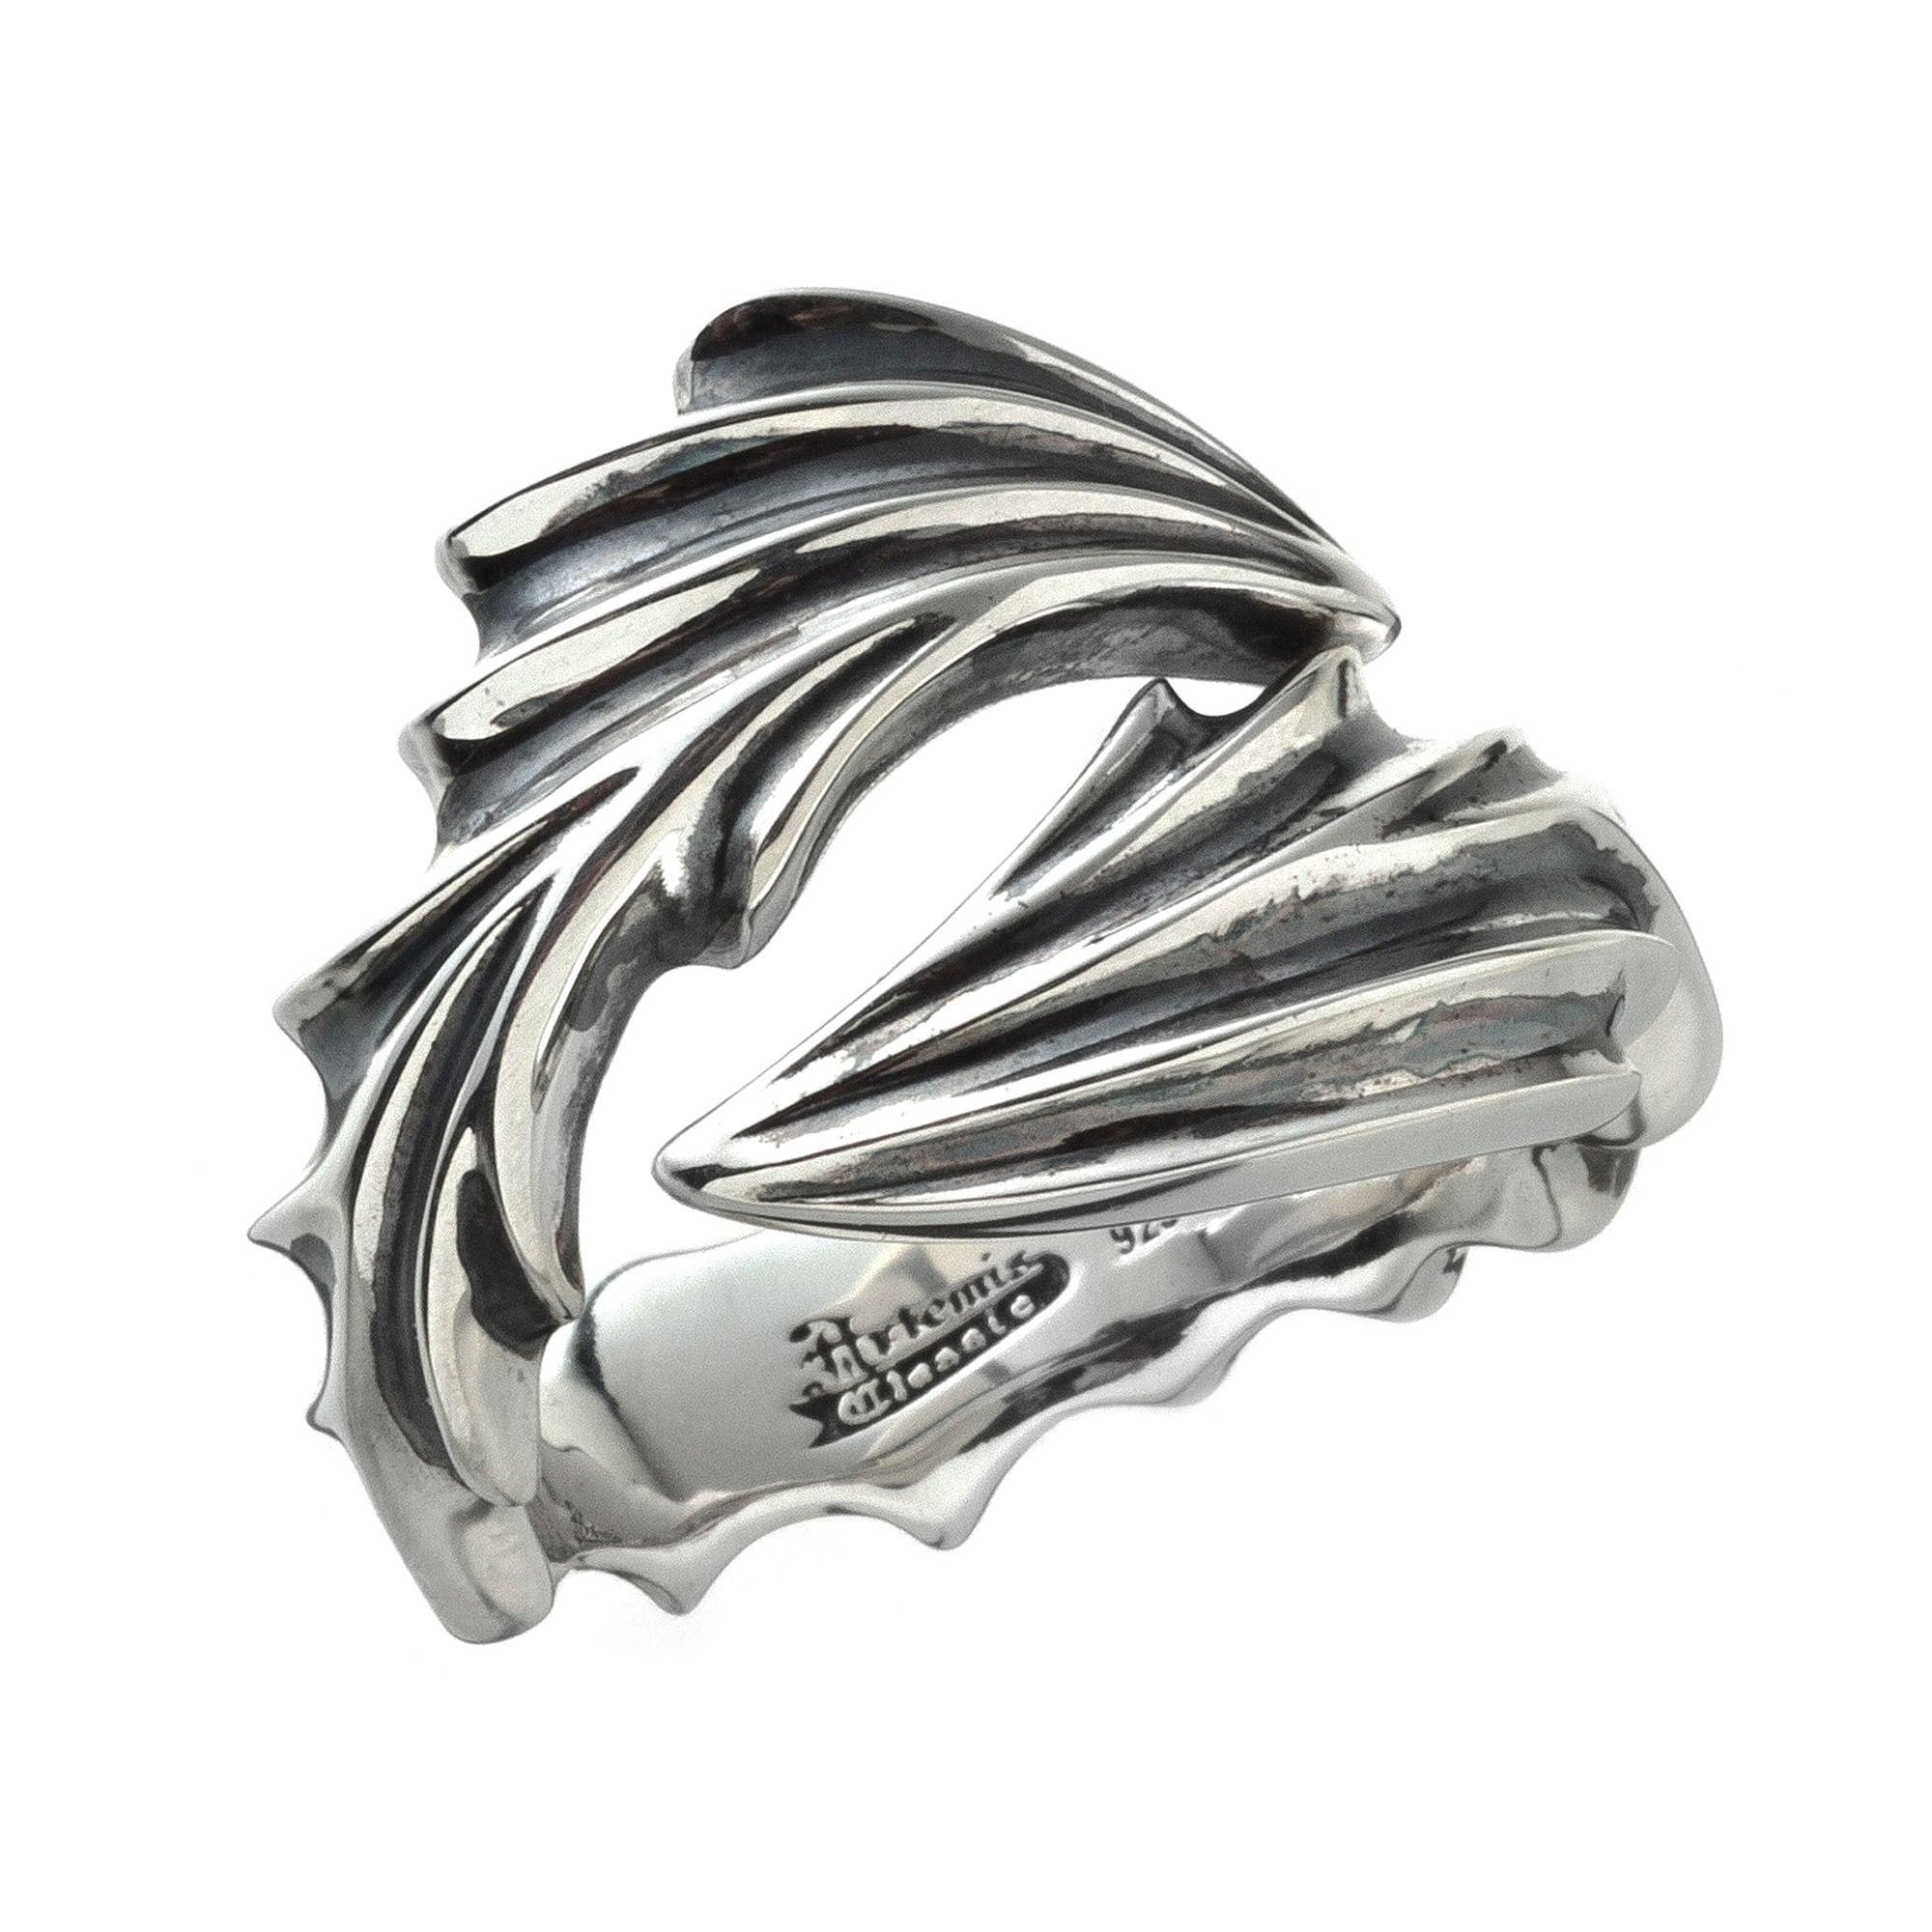 ドラゴンシールドリング ACR0262 Dragon shield ring